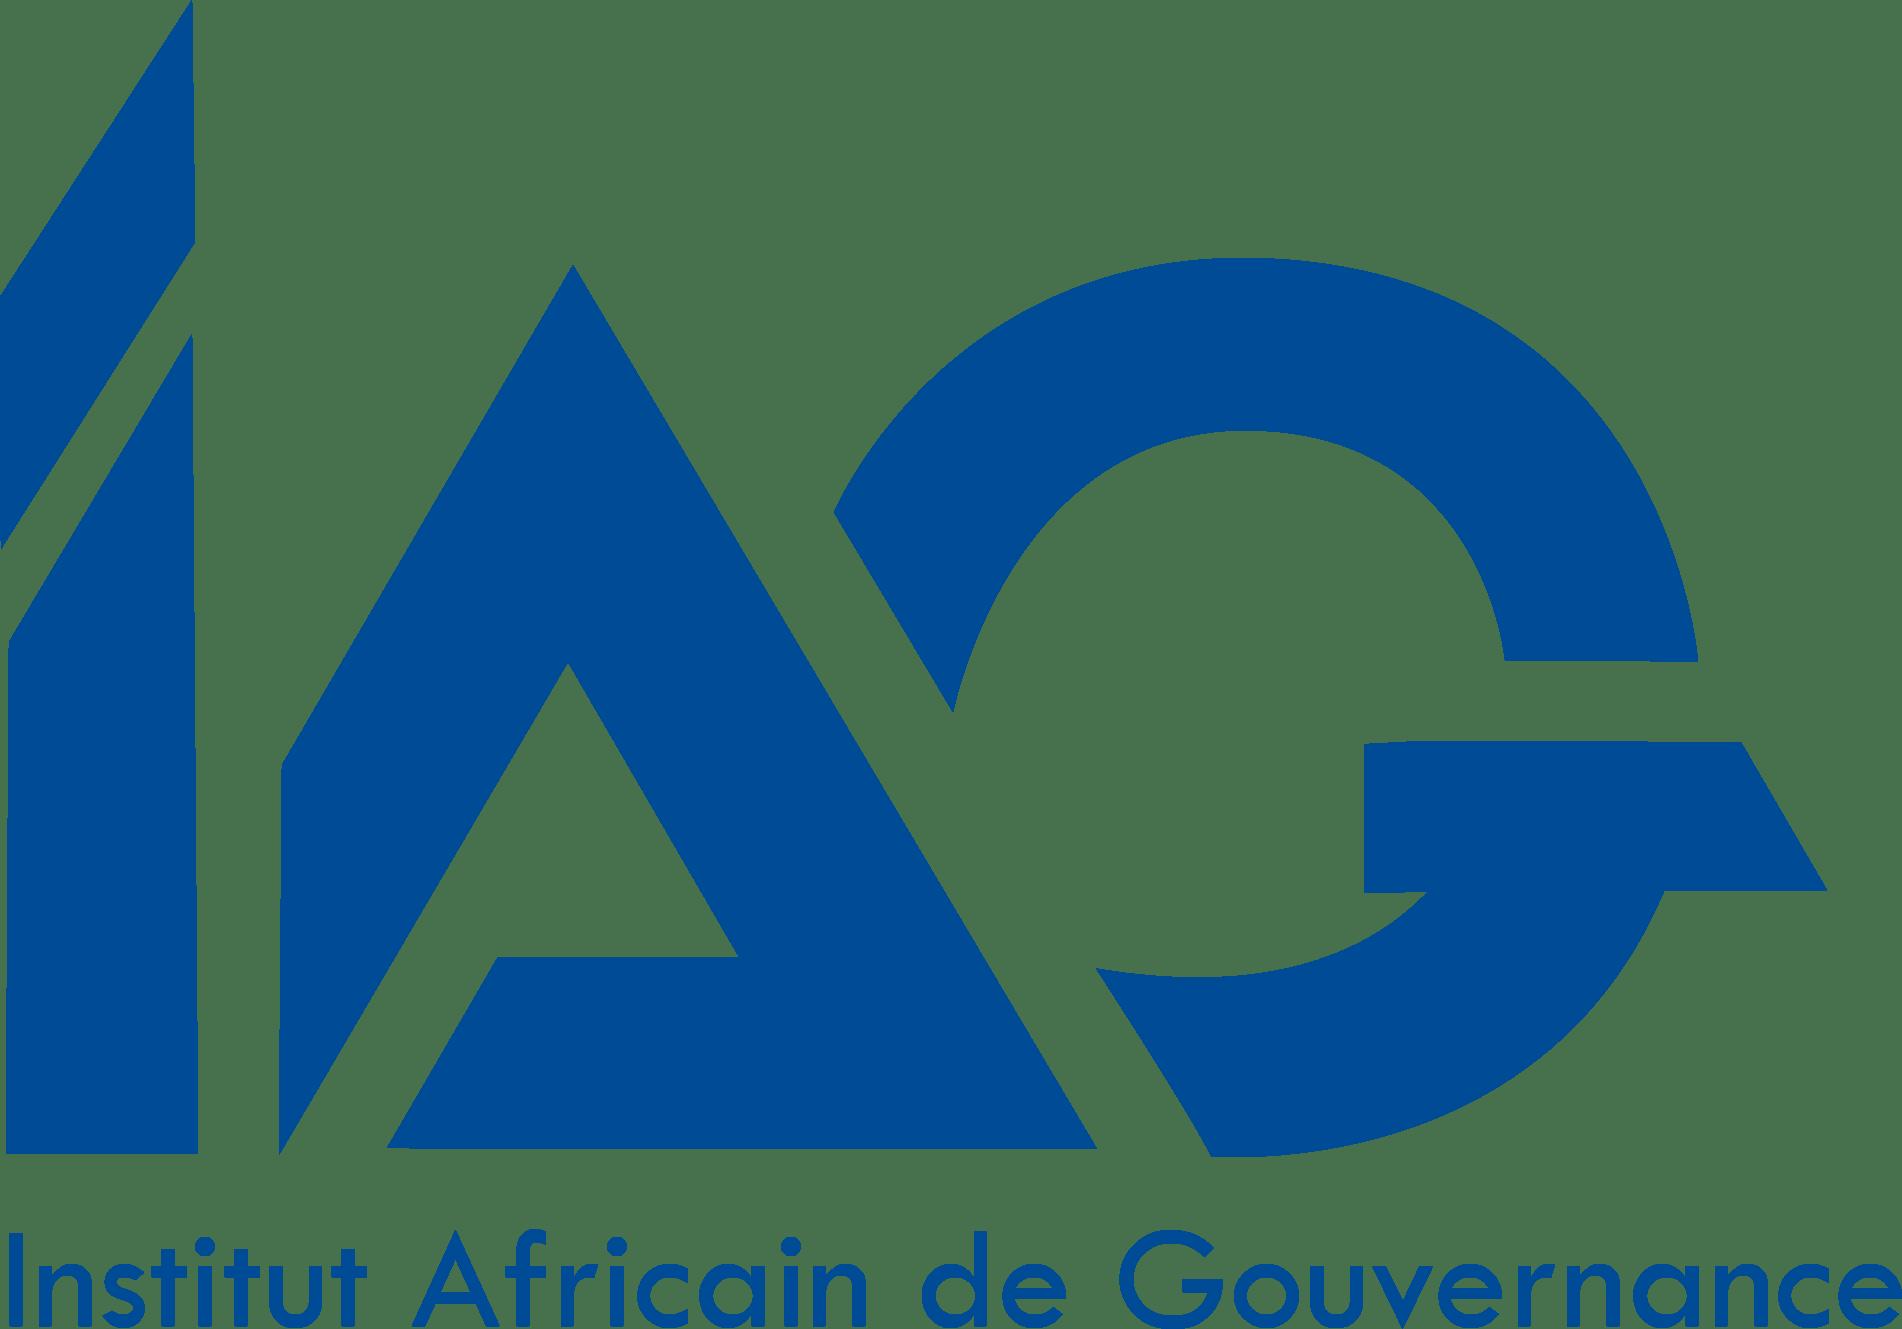 IAG-ASSOC